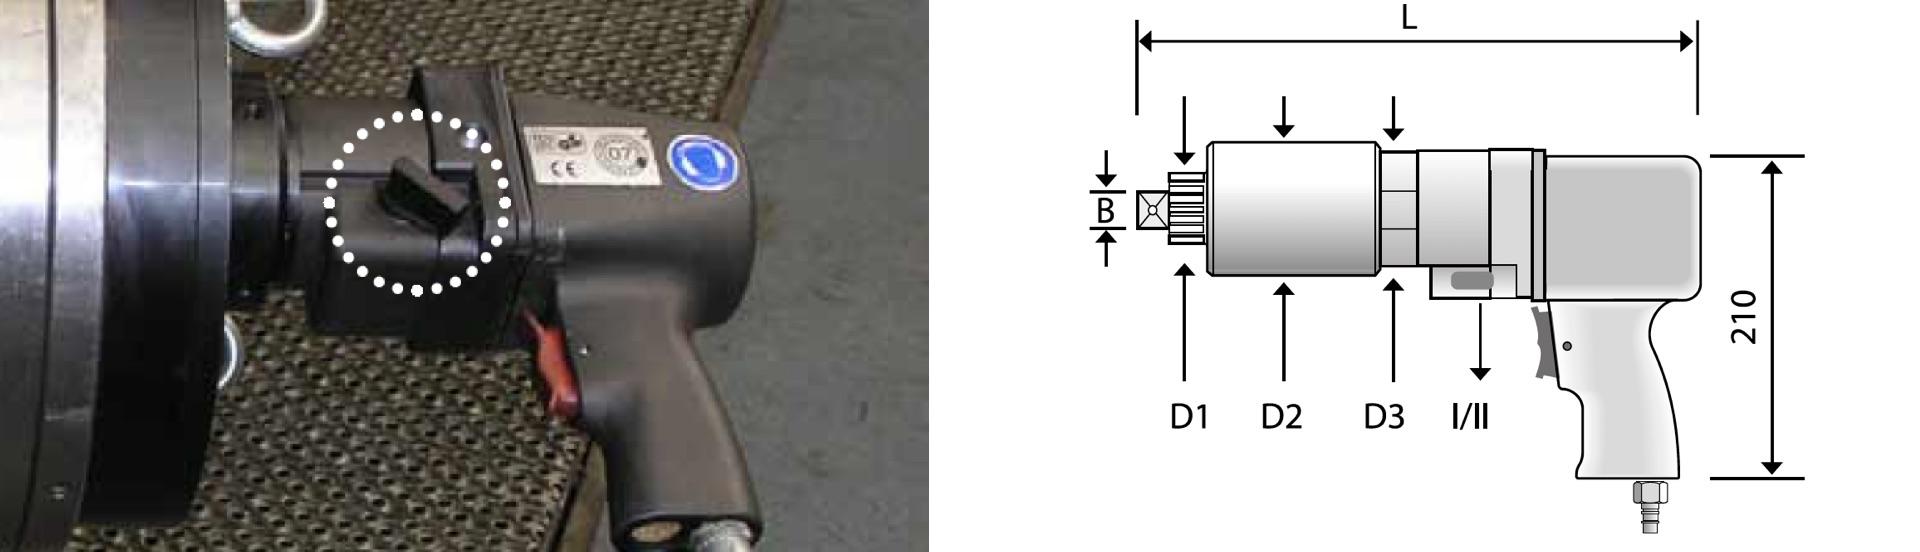 CLS2 chuyển cấp tốc độ trên cờ lê nhân lực Alkitronic